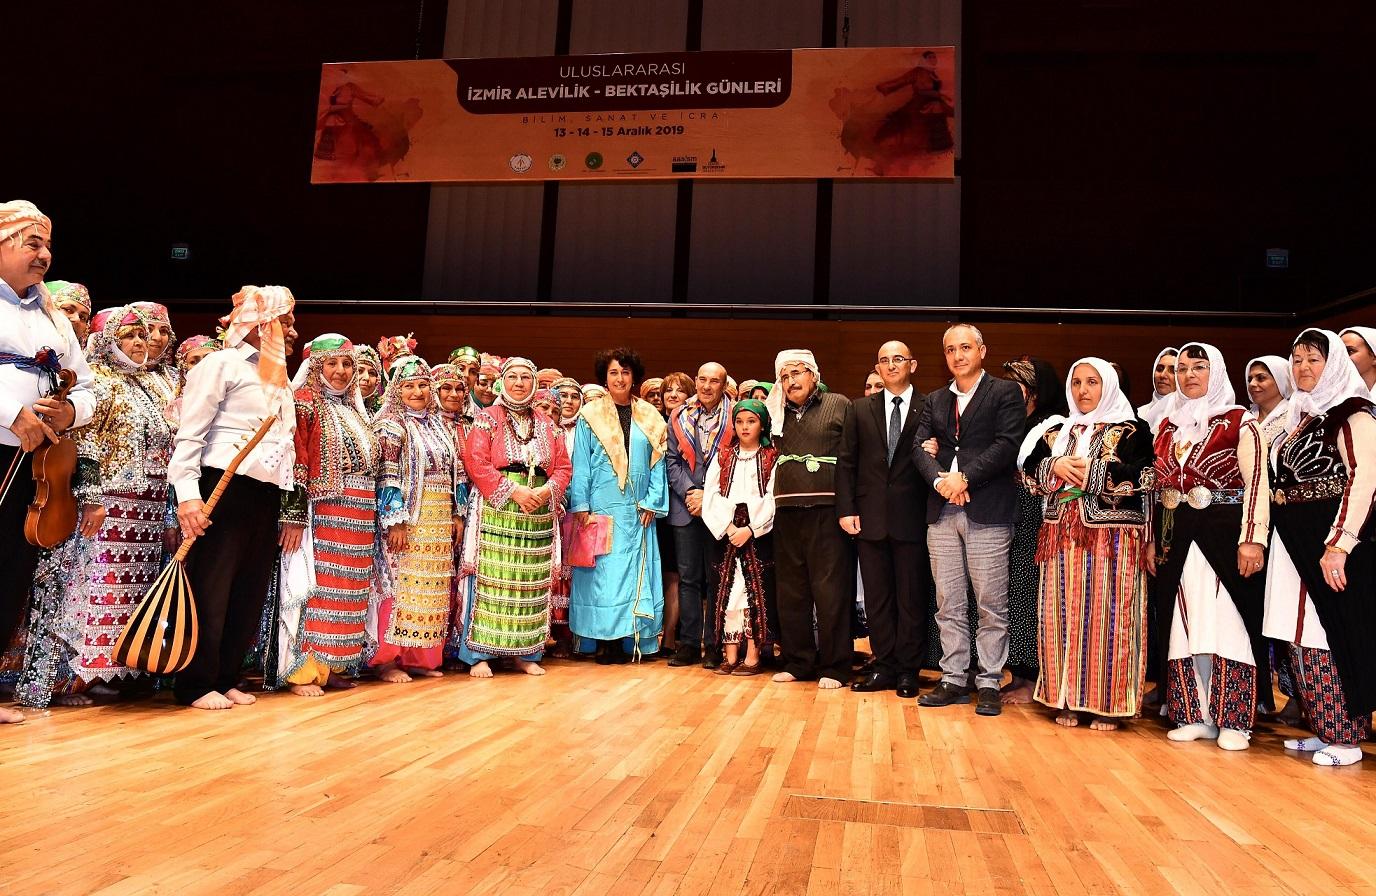 Türkiye'de ilk gerçekleşiyor!  Cemevleri imar planına ibadethane olarak işlenecek